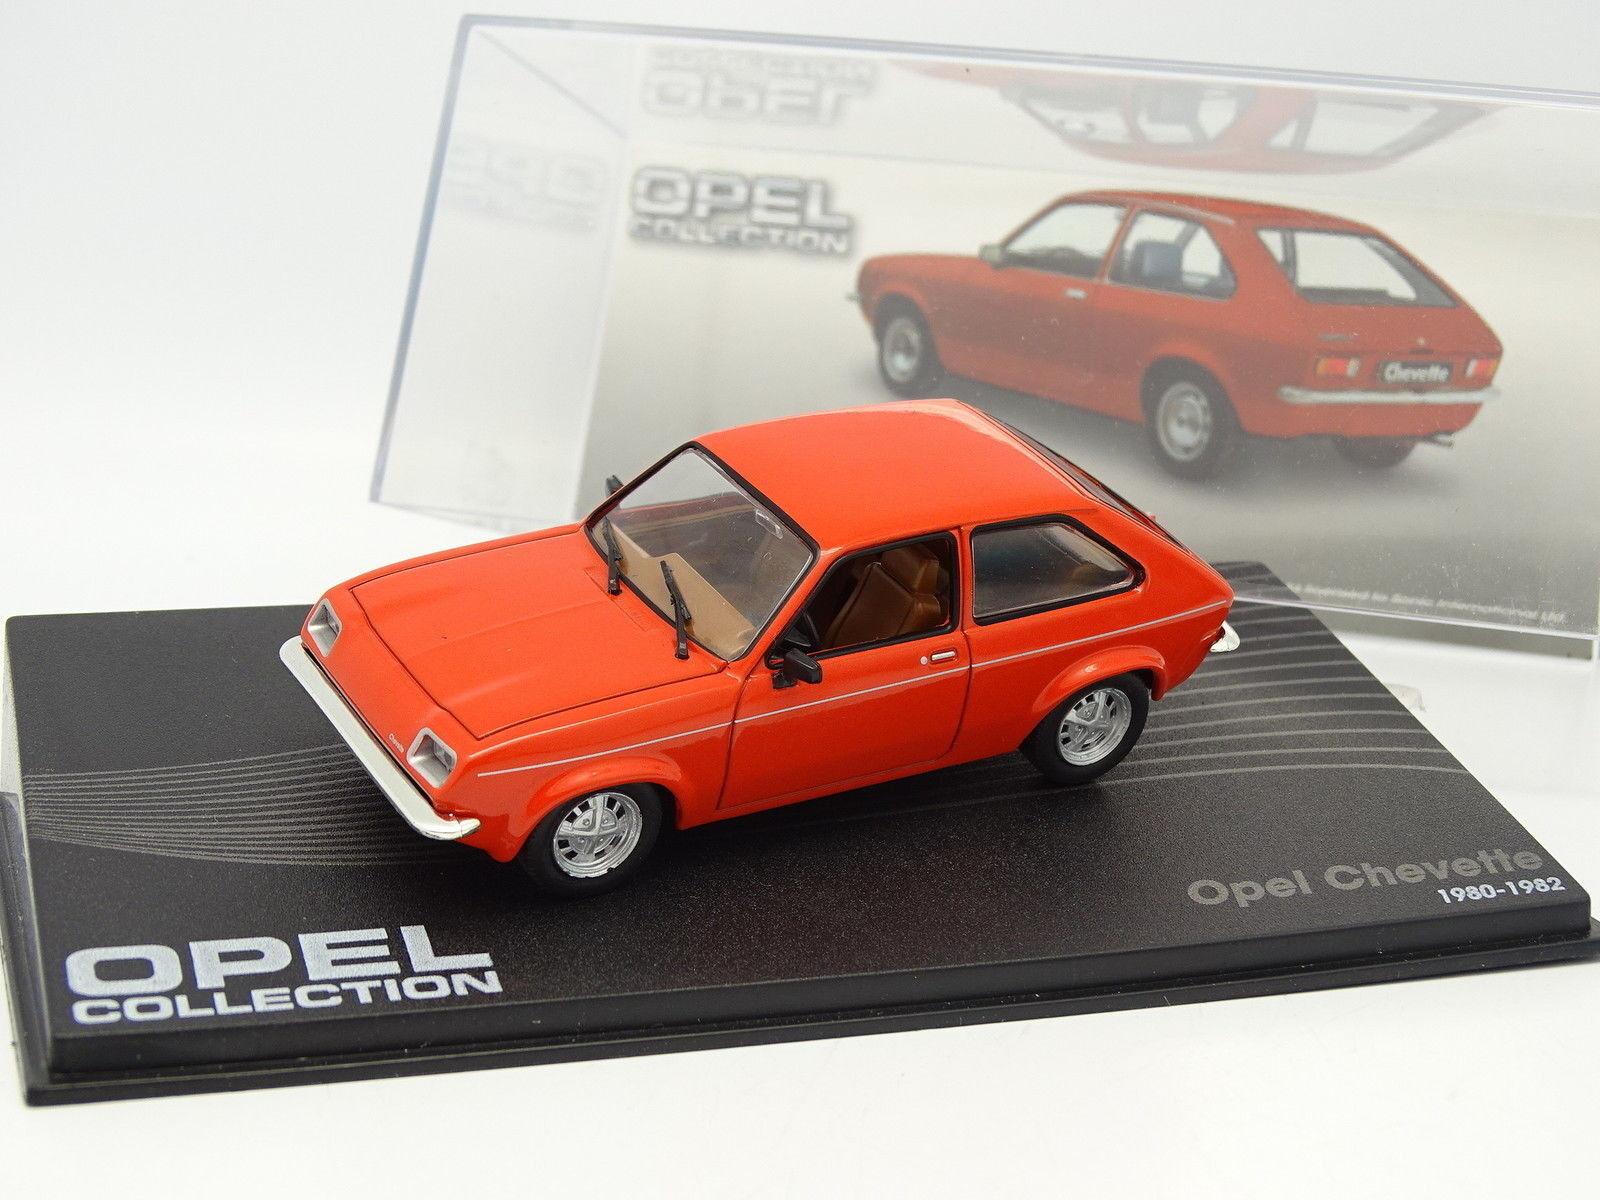 Ixo Presse Presse Presse 1 43 - Opel Chevette 1980 5f8c59